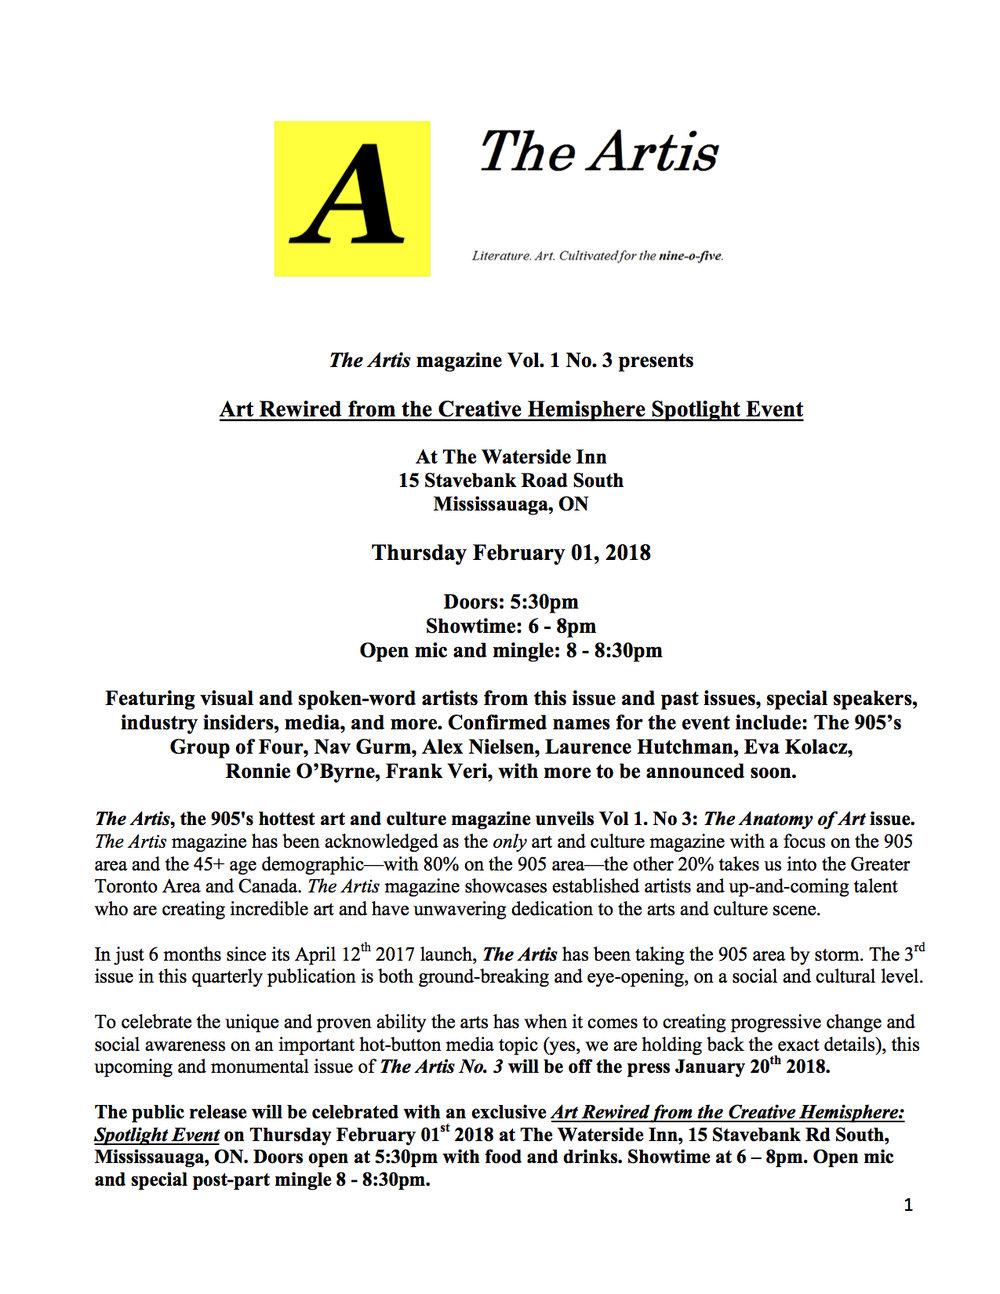 Artis 3 press release pg 1 of 2.jpg